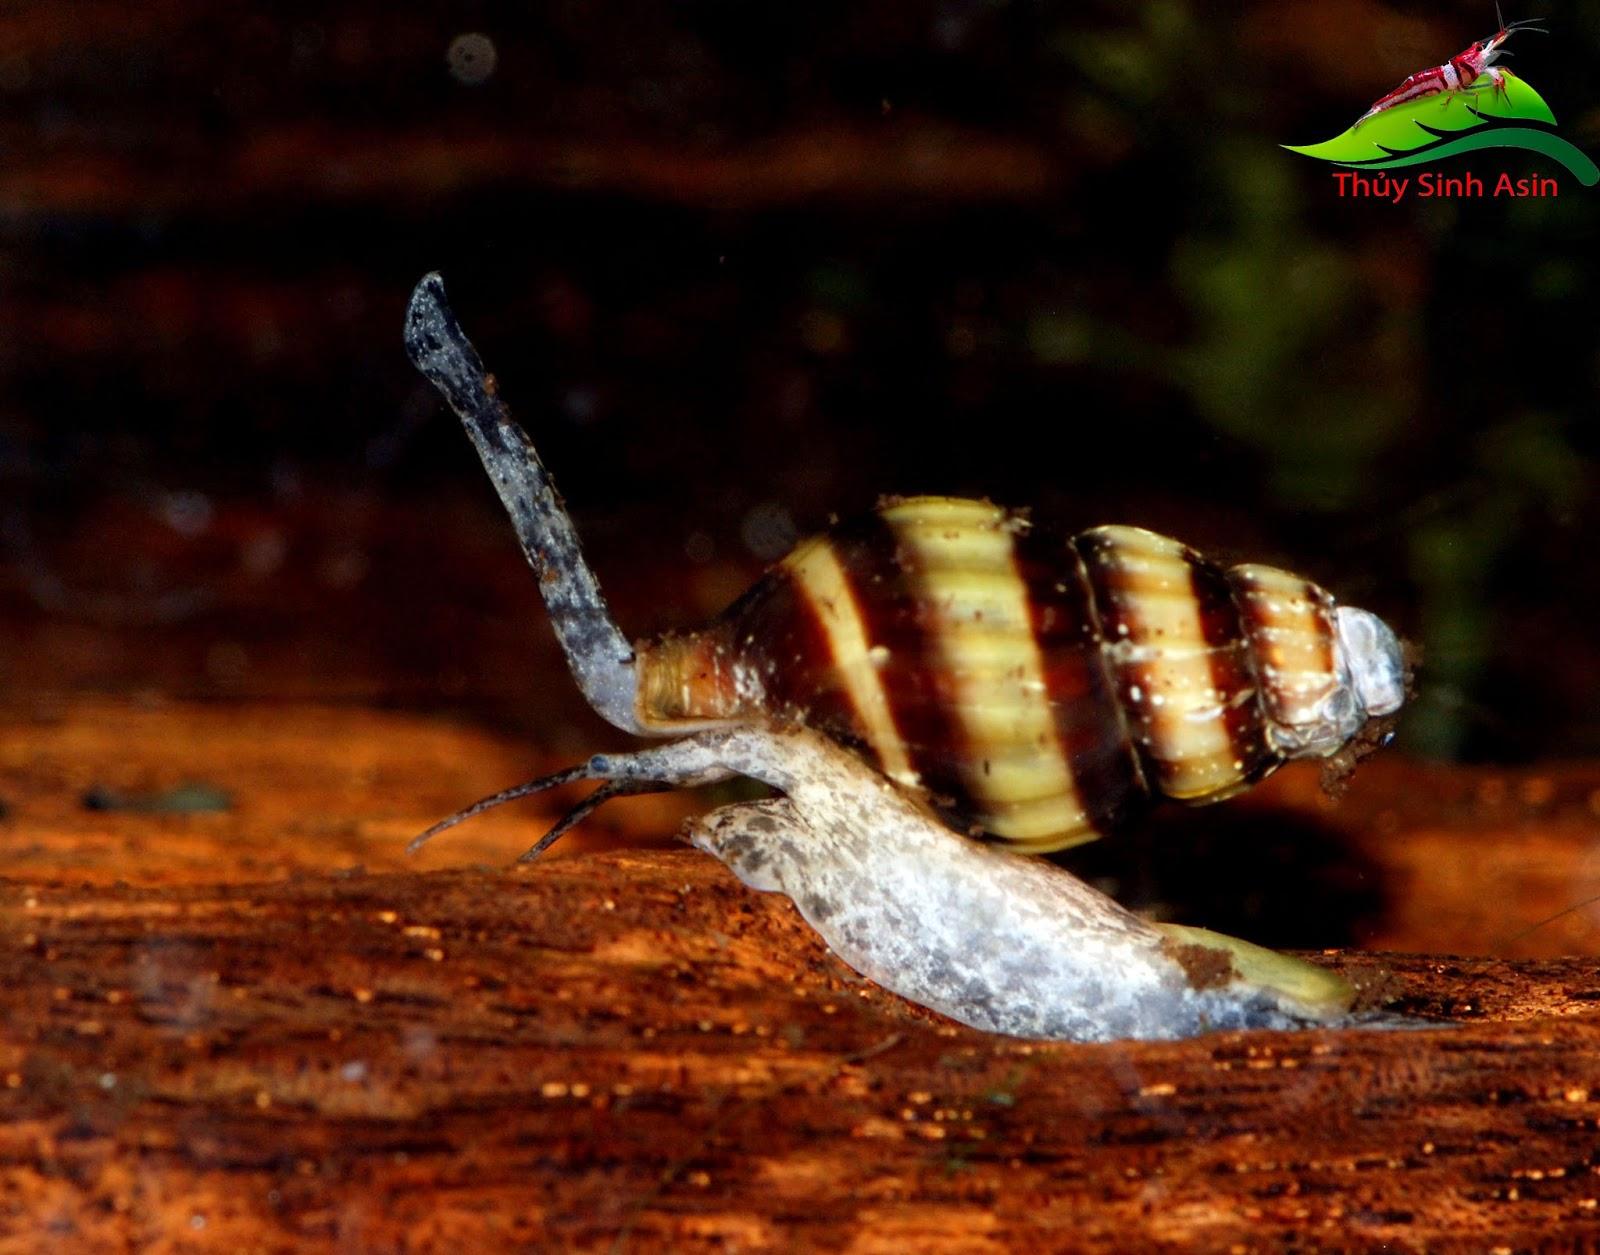 Ốc Helena - Ốc ăn ốc trong hồ thủy sinh có màu vàng rất đẹp